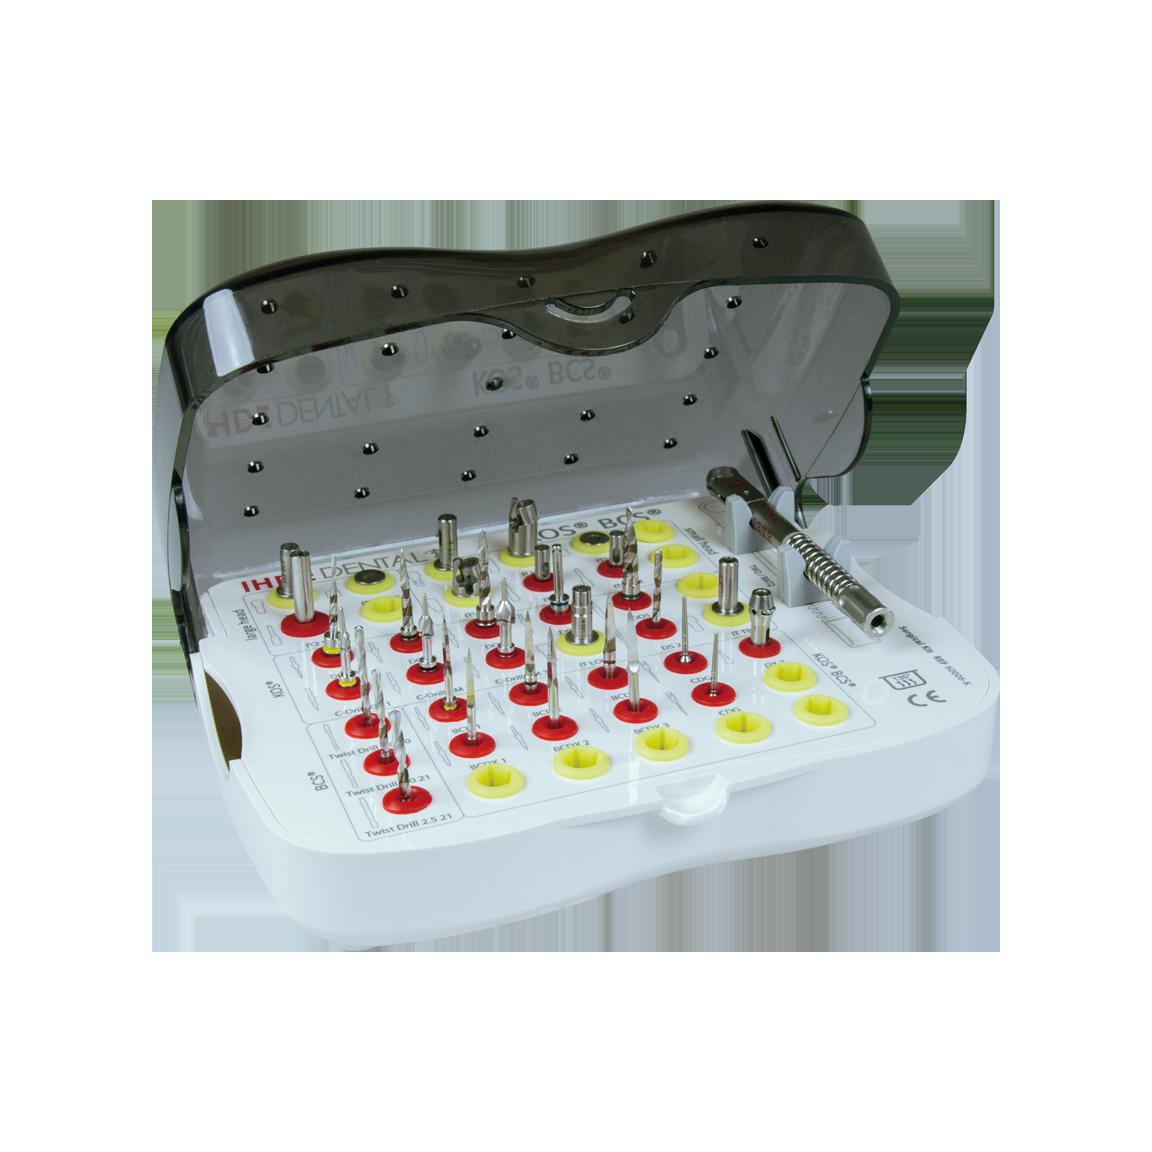 Instrumenten Tray für KOS® und BCS®